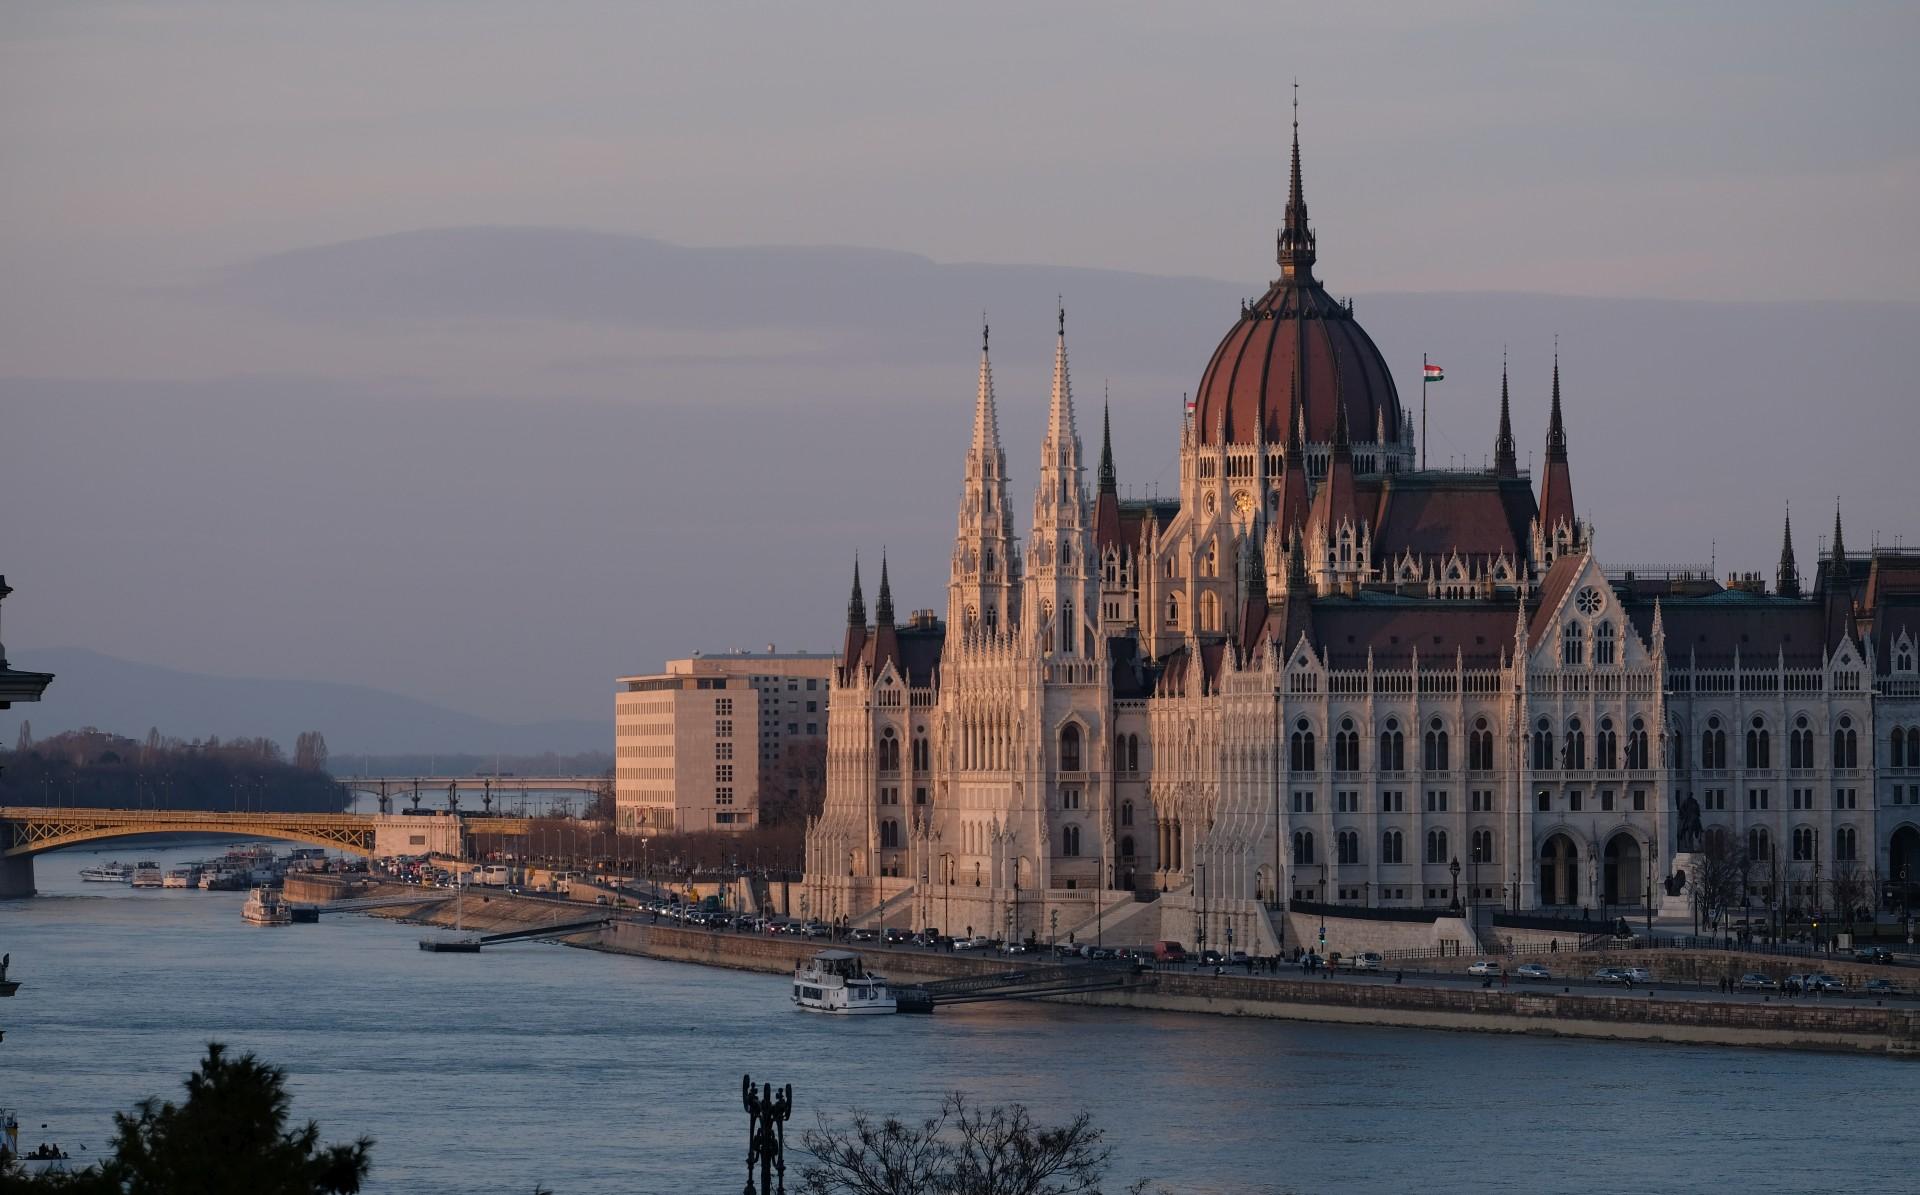 Das Parlament im letzten Tageslicht